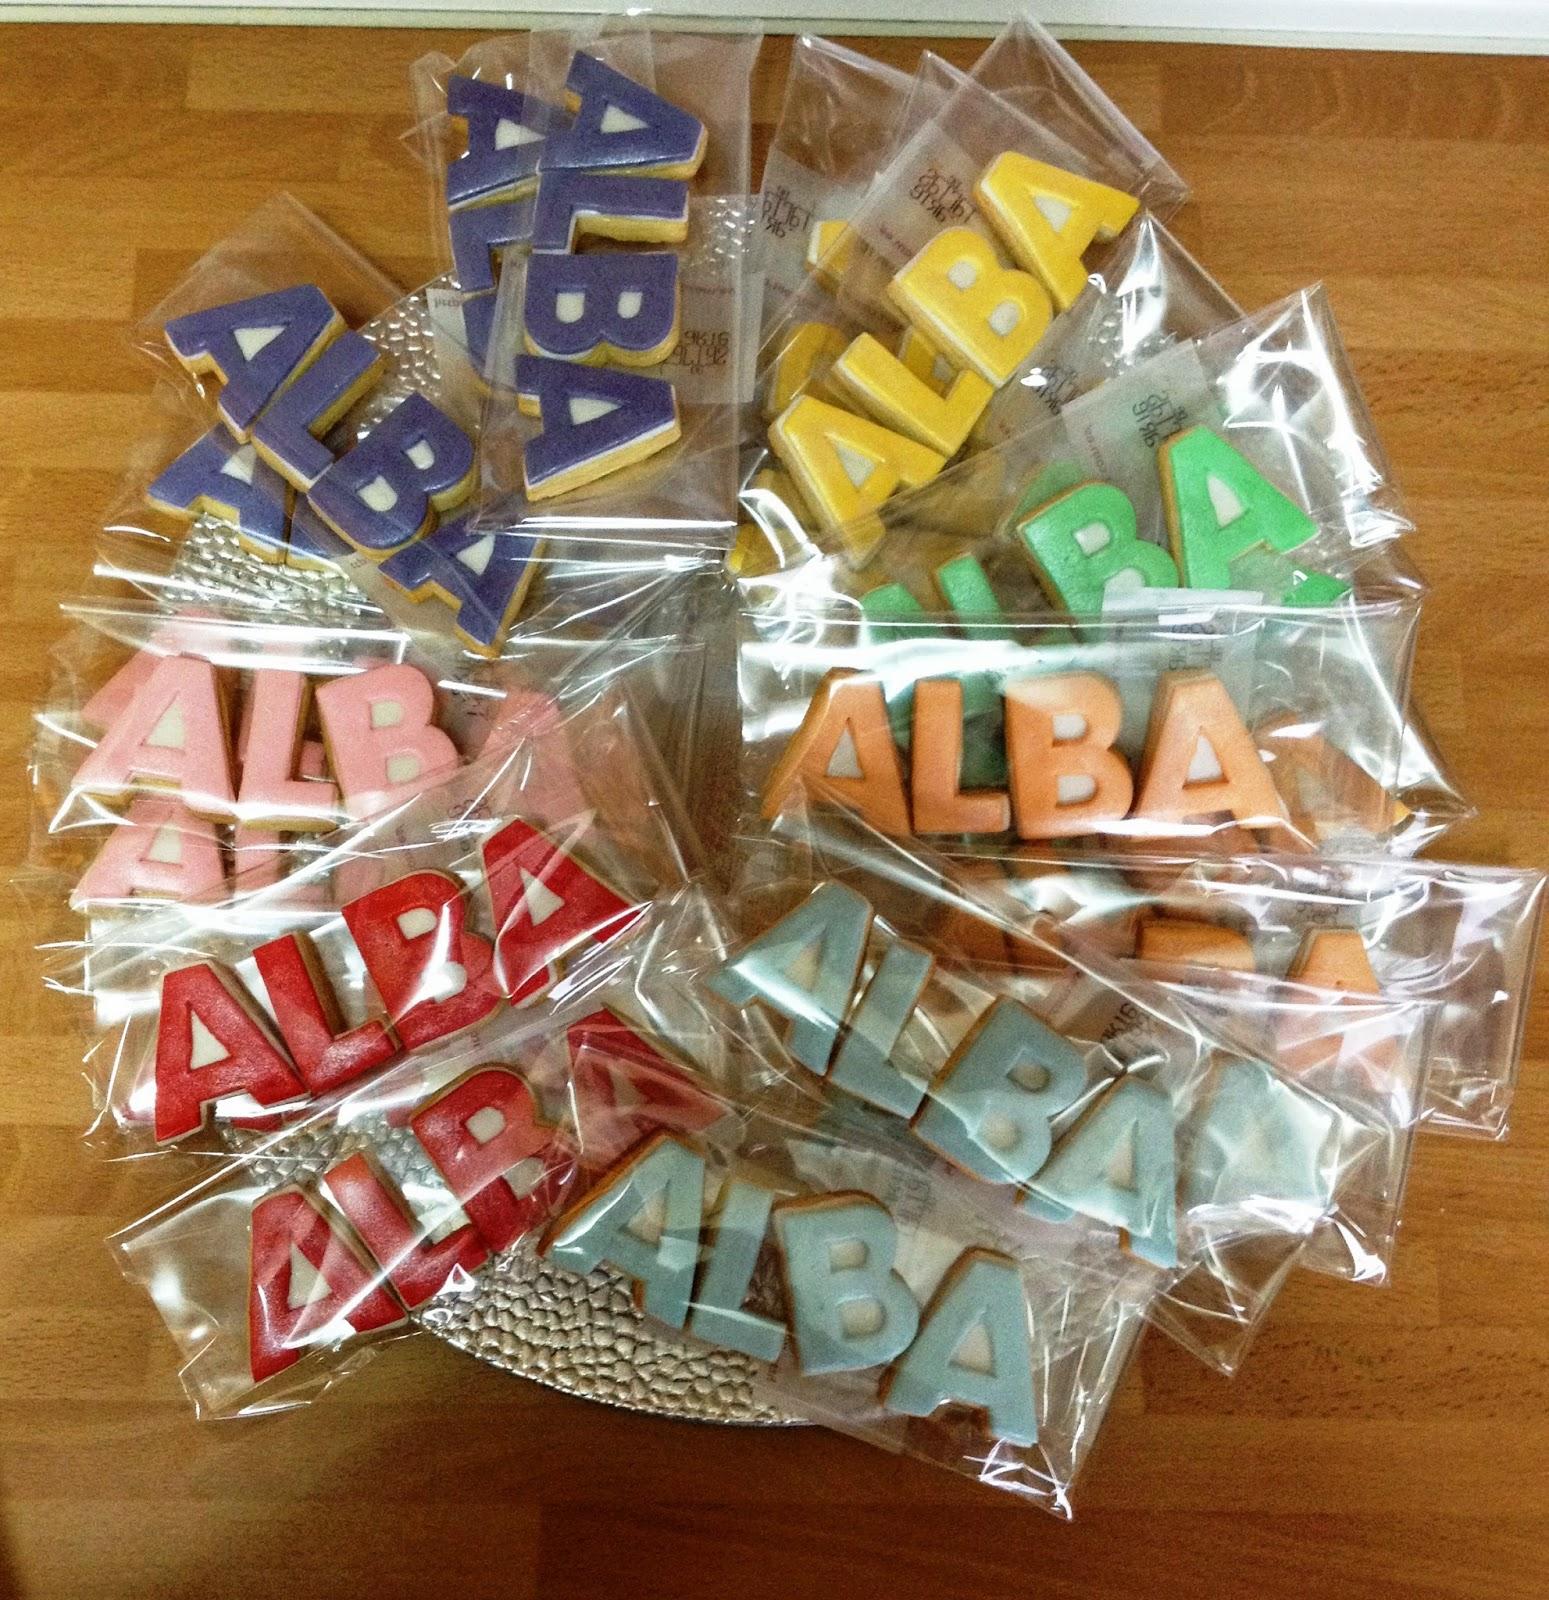 galletas decoradas fontant, galletas nombre, galletas fondant nombre, galletas decoradas fondant nombre